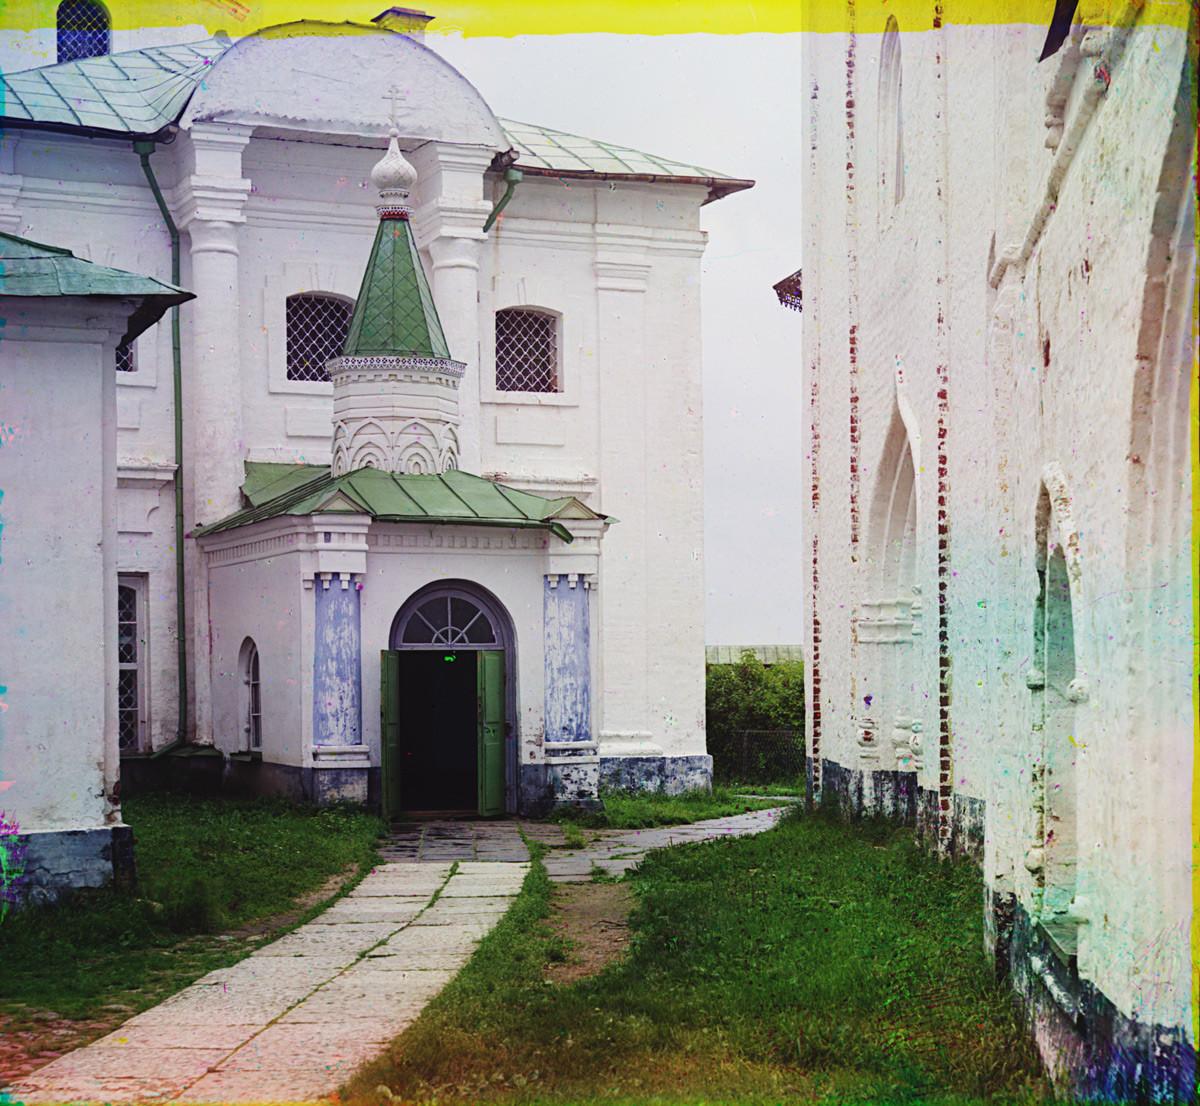 Monastère Saint-Cyrille-Belozersk. Église de Saint-Cyrille-Belozersk, façade ouest et entrée principale. Sur la droite : mur nord de l'église de l'archange Gabriel.